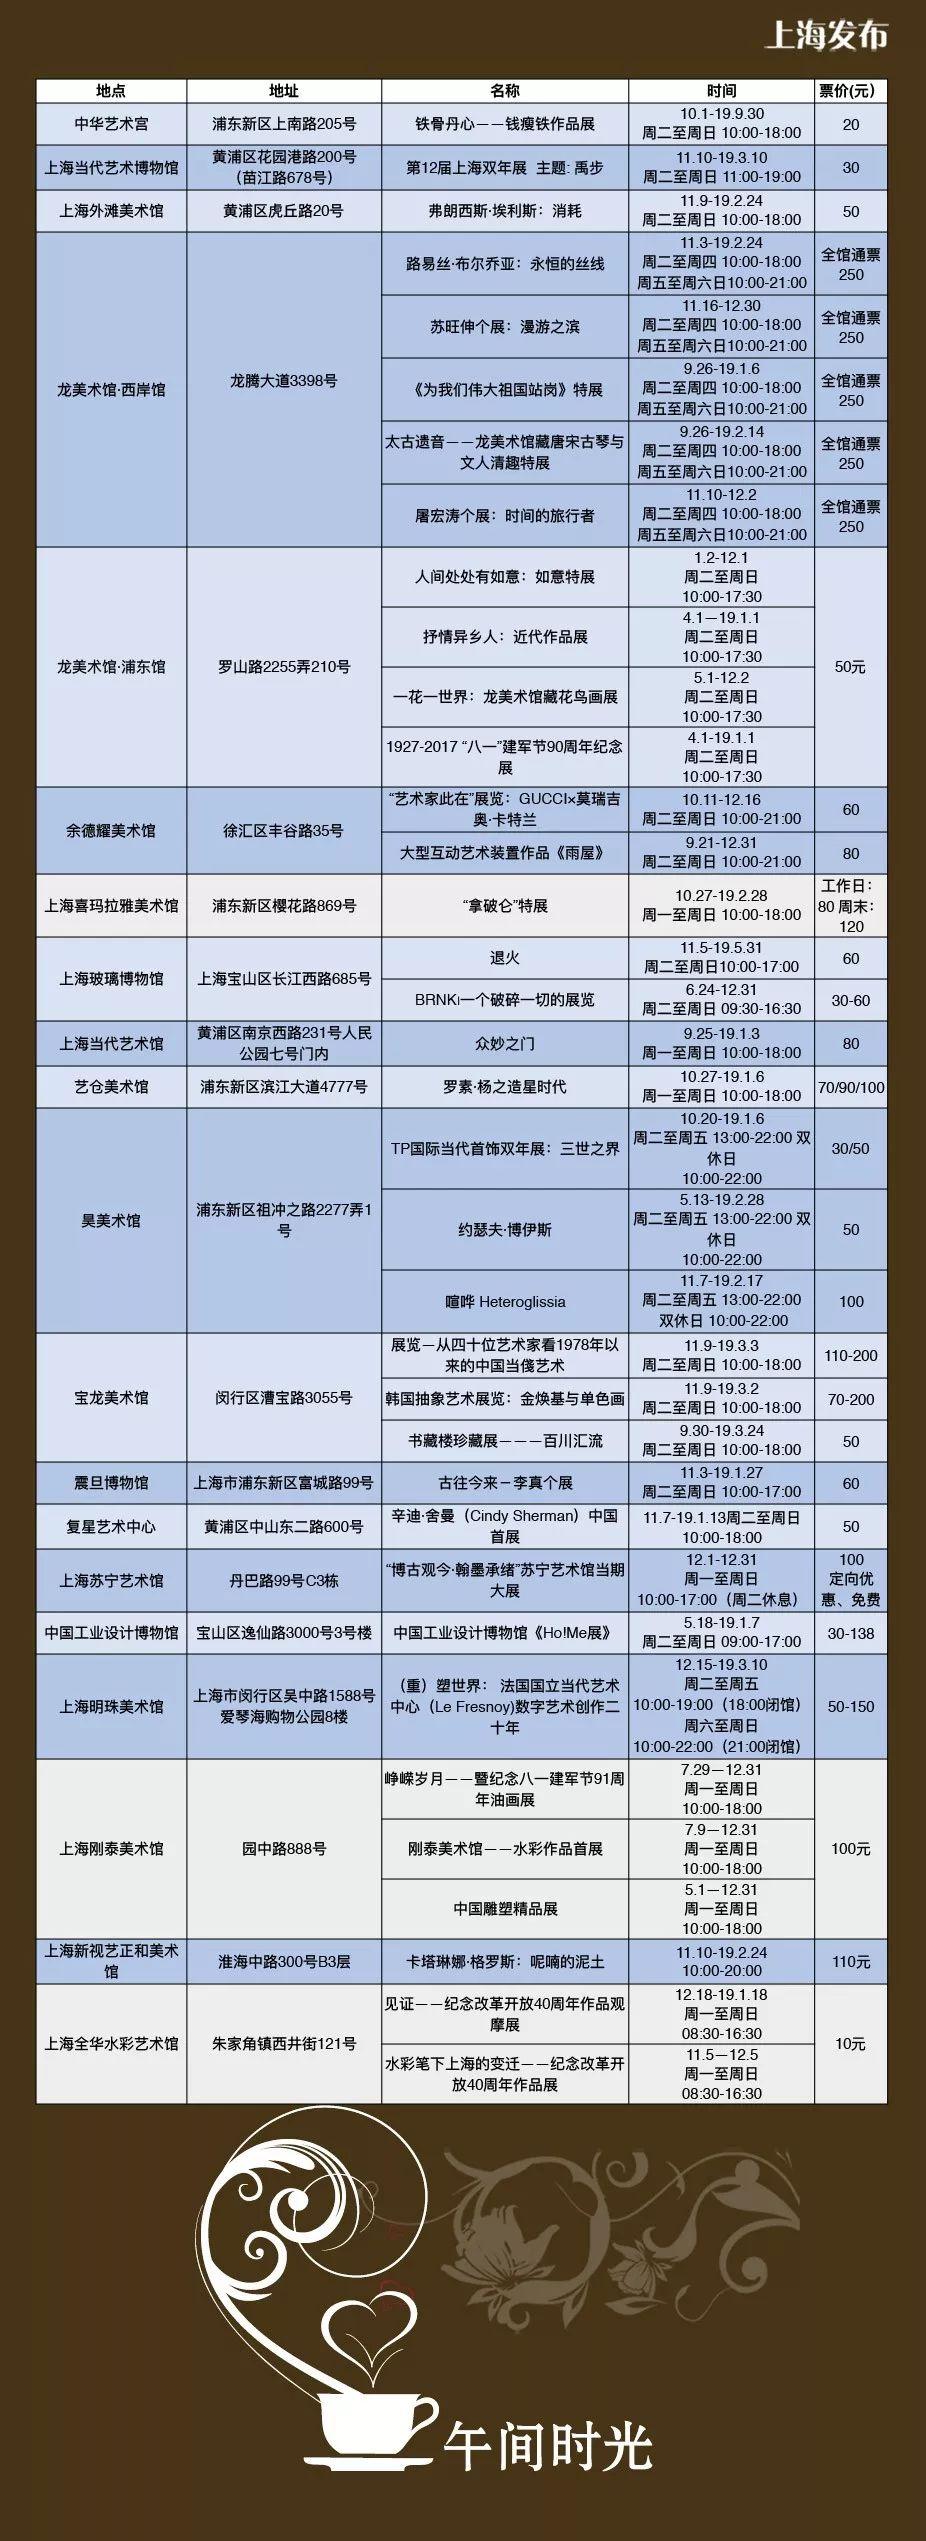 2018上海12月免费展览汇总